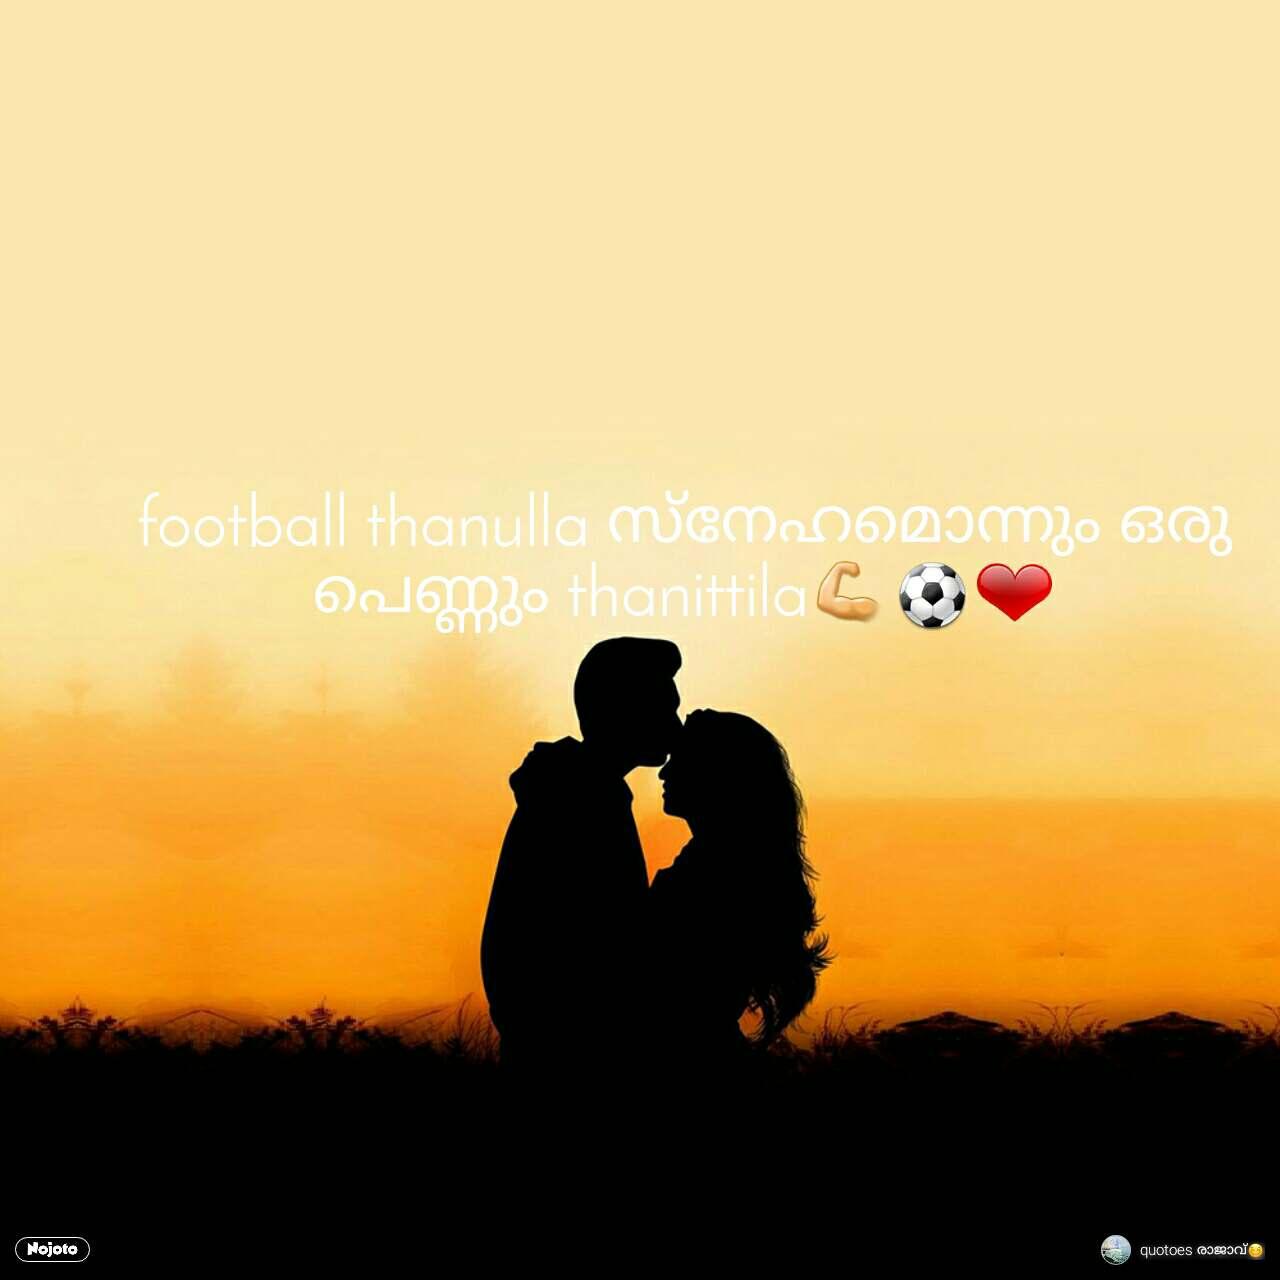 football thanulla аіЄаµНаі®аµЗаієаіЃаµКаі®аµНаі®аµБаіВ аіТаі∞аµБ аі™аµЖаі£аµНаі£аµБаіВ thanittilaрЯТ™вЪљвЭ§